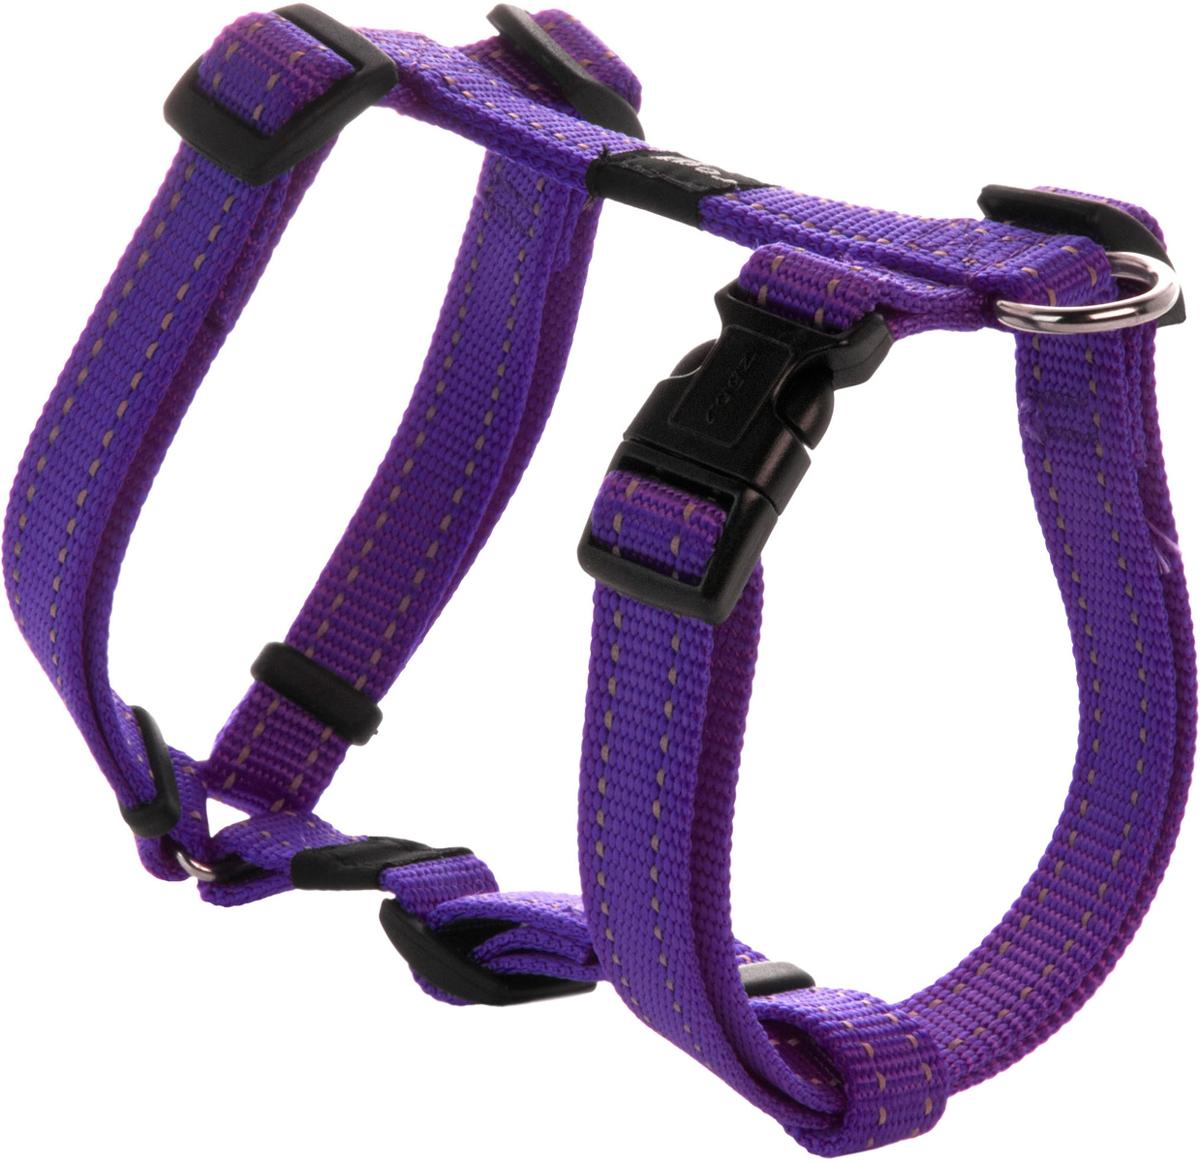 Шлейка для собак Rogz Utility, цвет: фиолетовый, ширина 1,6 см. Размер MSJ11EШлейка для собак Rogz Utility со светоотражающей нитью, вплетенной в нейлоновую ленту, обеспечивает лучшую видимость собаки в темное время суток. Специальная конструкция пряжки Rog Loc - очень крепкая (система Fort Knox). Замок может быть расстегнут только рукой человека. Технология распределения нагрузки позволяет снизить нагрузку на пряжки, изготовленные из титанового пластика, с помощью правильного и разумного расположения грузовых колец, благодаря чему, даже при самых сильных рывках, изделие не рвется и не деформируется.Выполненные специально по заказу ROGZ литые кольца гальванически хромированы, что позволяет избежать коррозии и потускнения изделия.